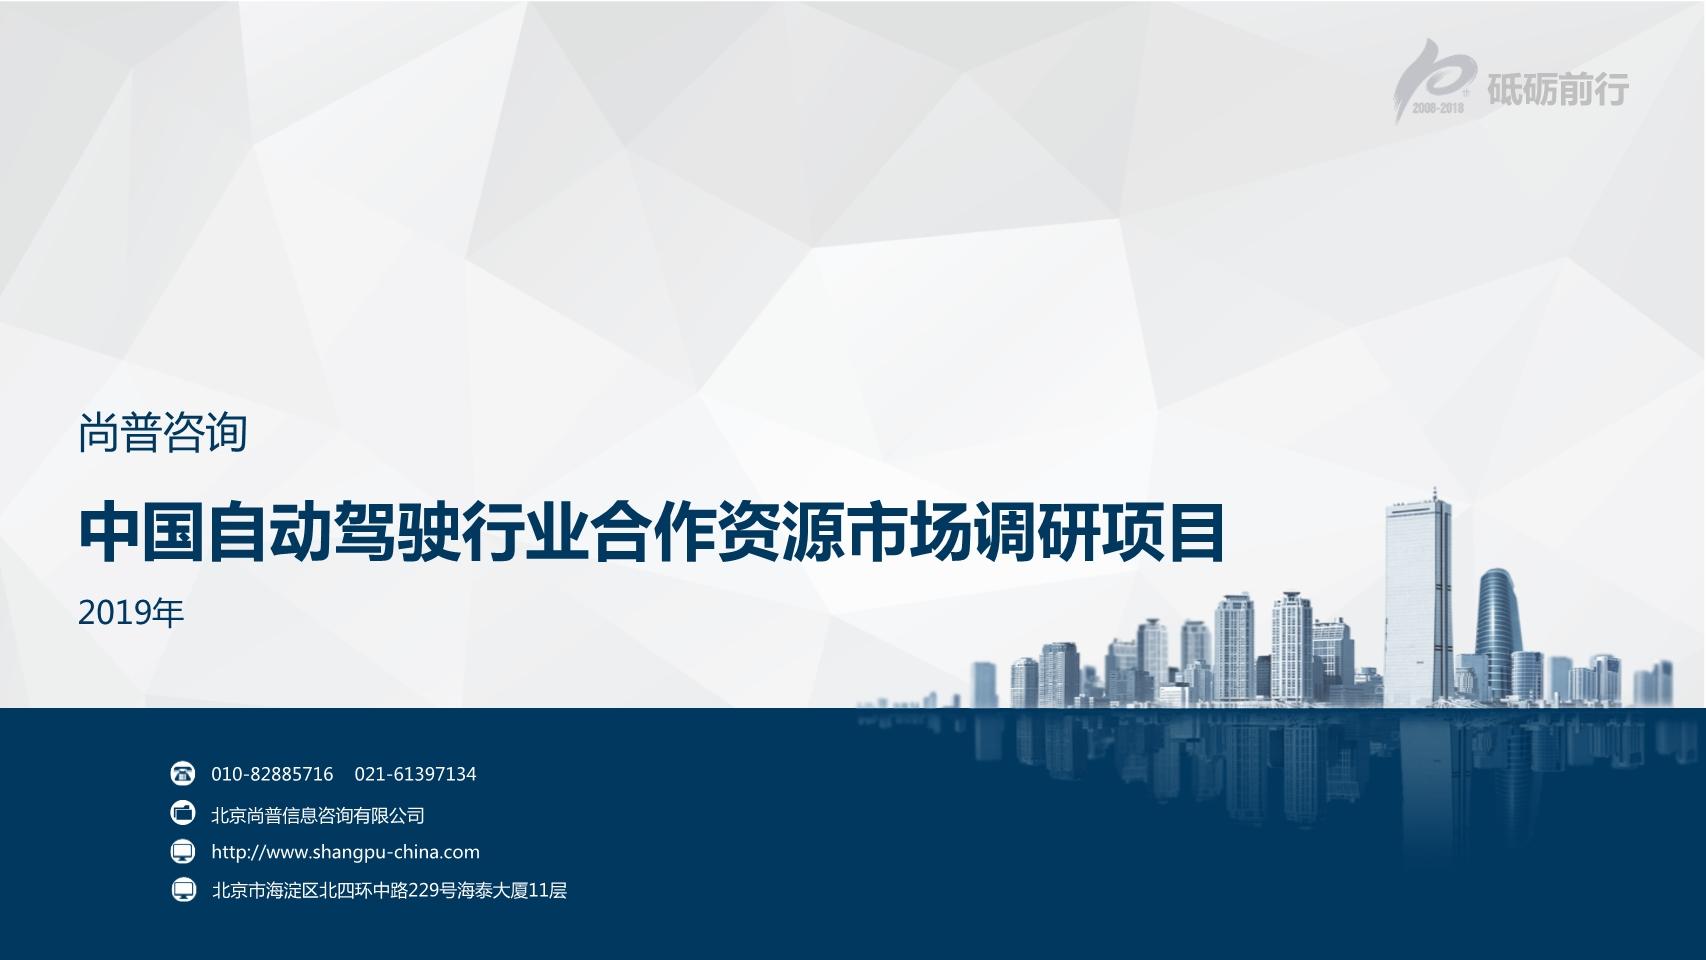 尚普咨询-中国自动驾驶行业合作资源市场调研